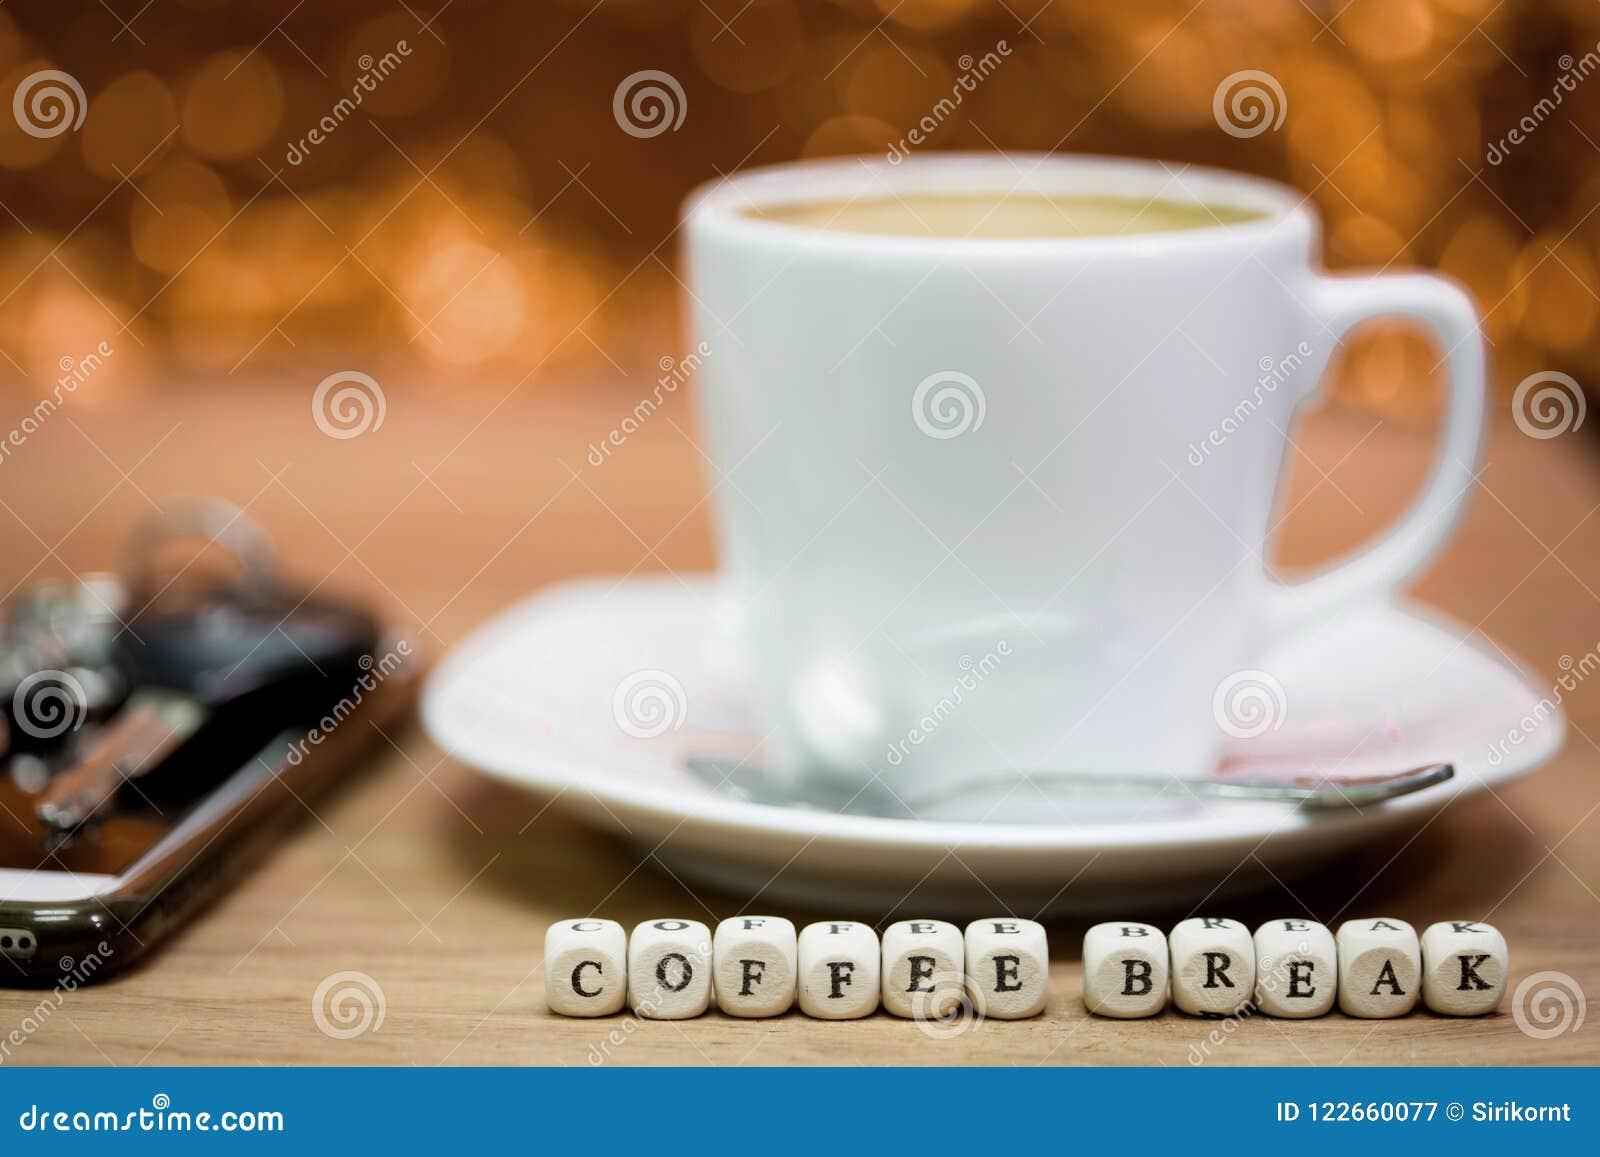 Épocas do café, ruptura de café